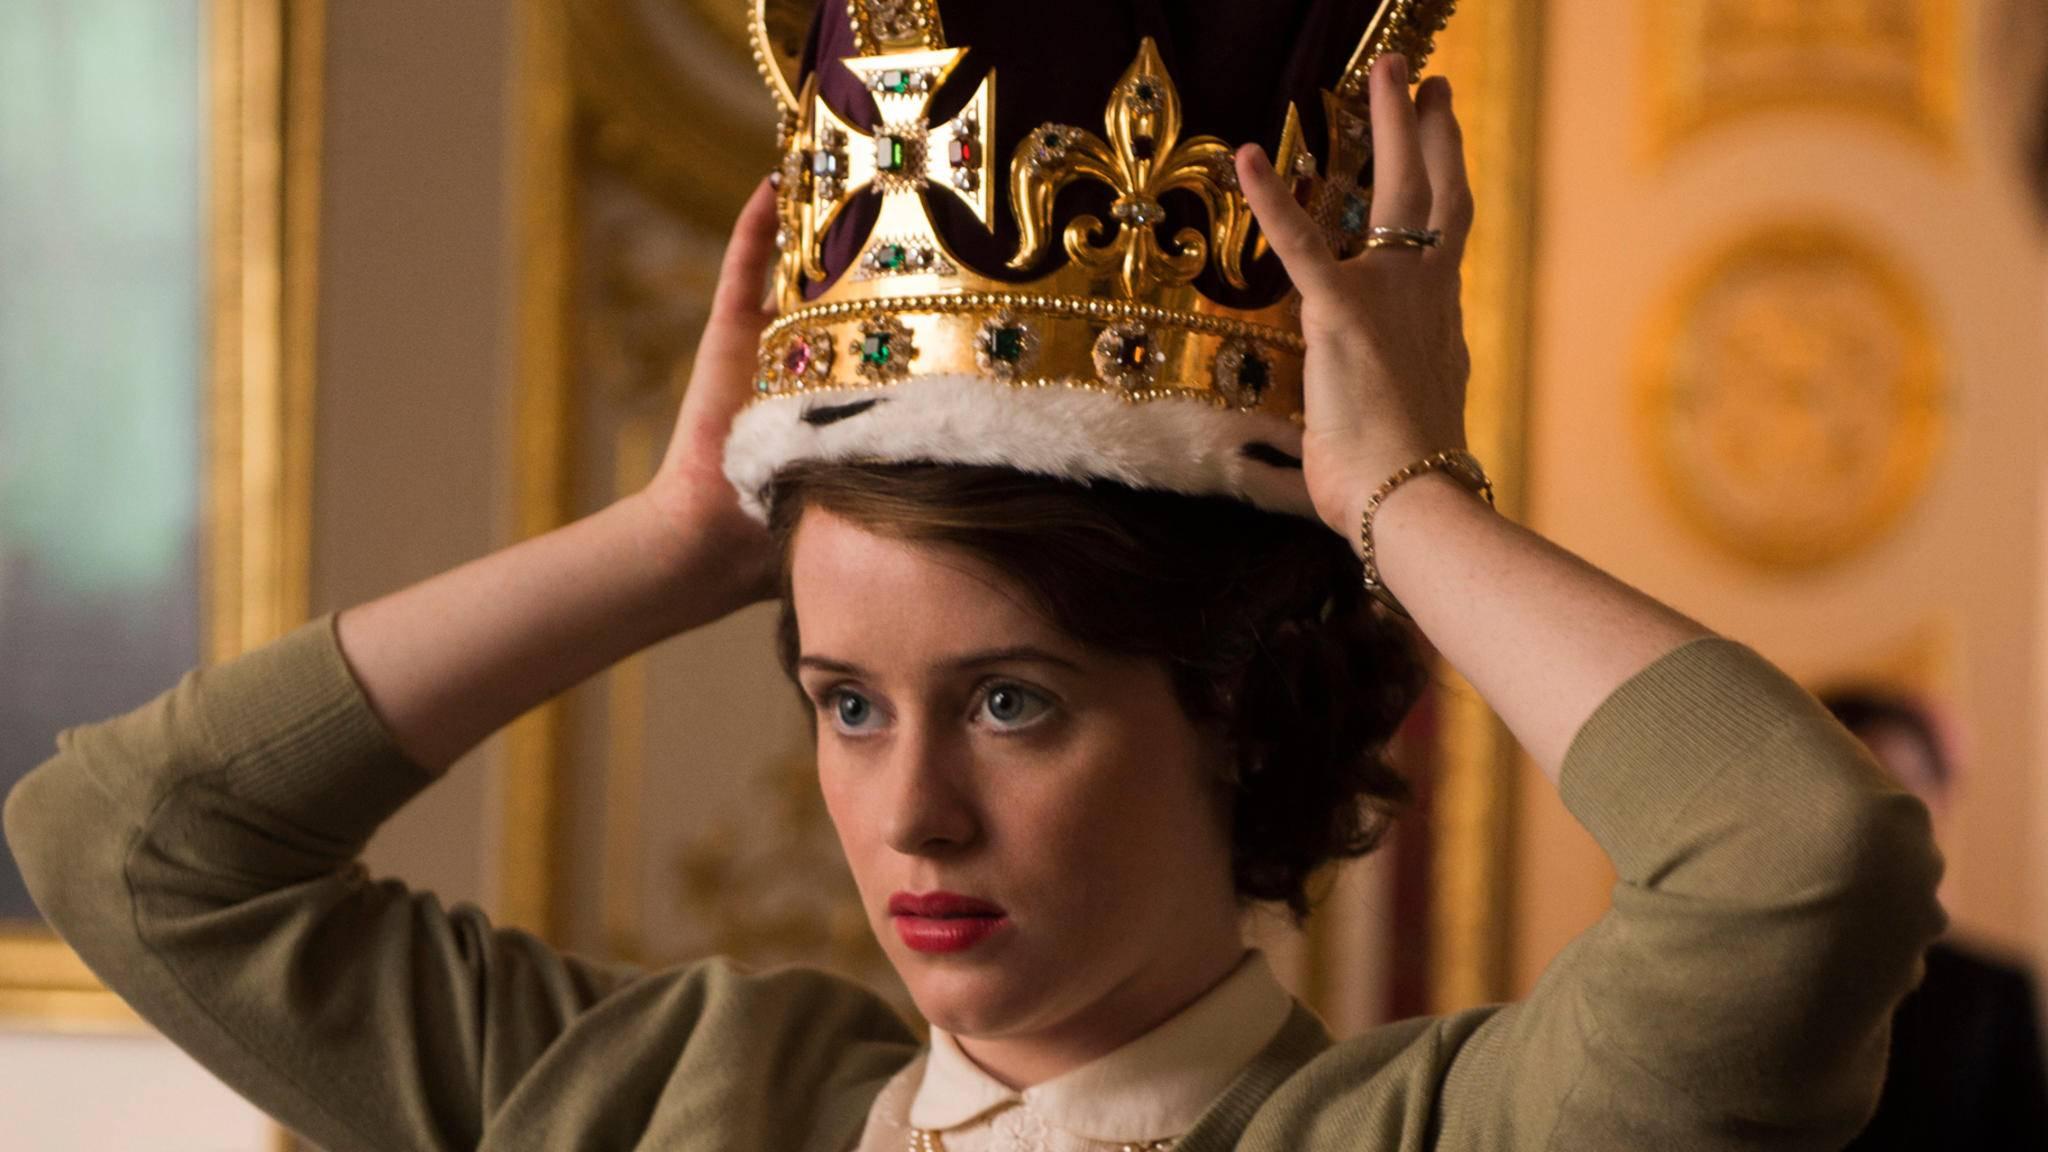 Wir krönen unsere Favoriten, die 10 besten Original-Netflix-Serien.